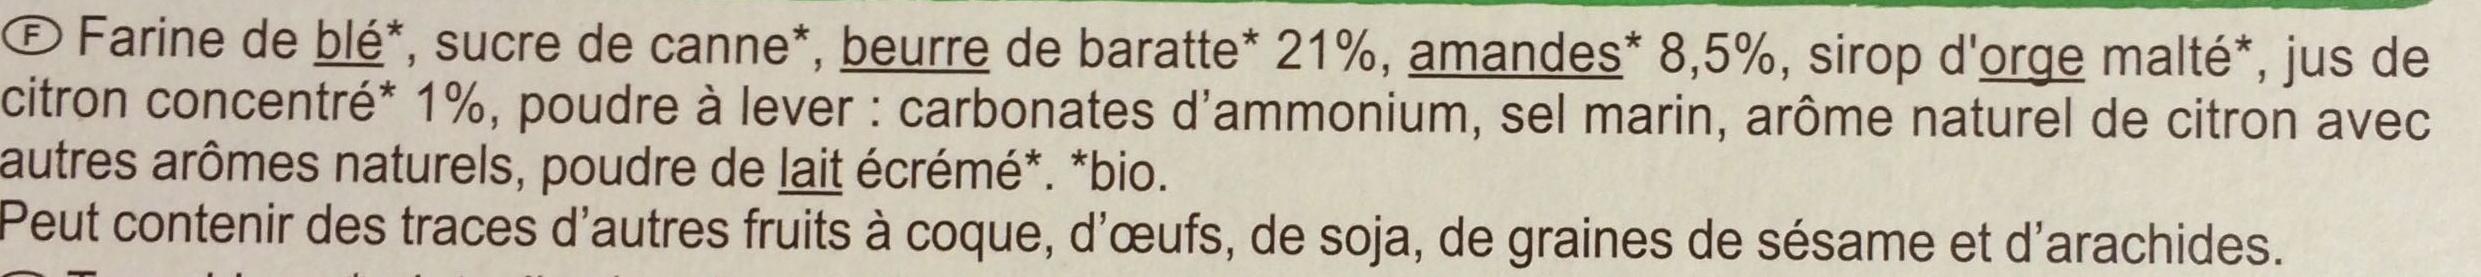 Sablés au beurre, amandes et citron - Ingrediënten - fr